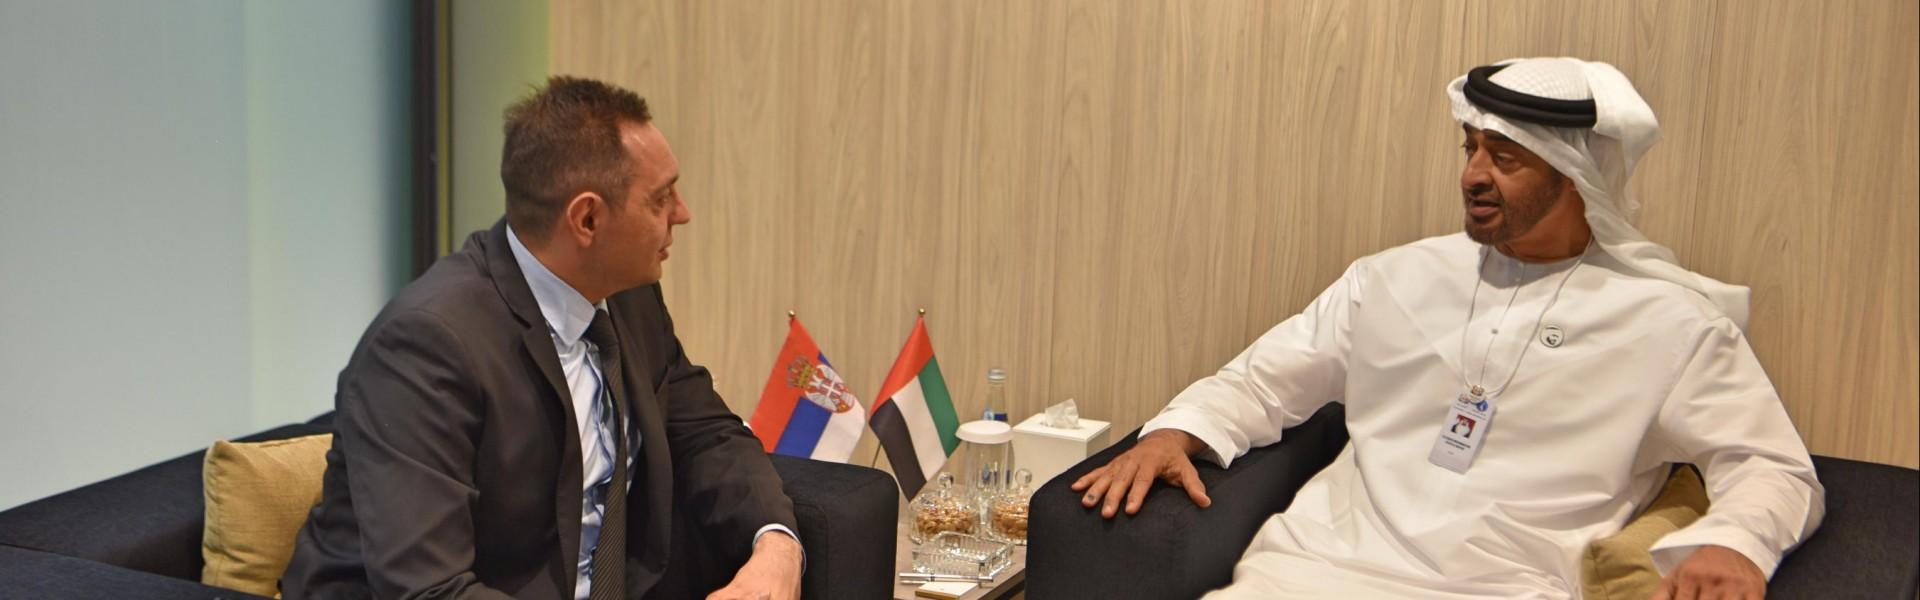 Министар Вулин: Пријатељство председника Вучића и шеика Бин Заједа отворило нам је многа врата у Абу Дабију